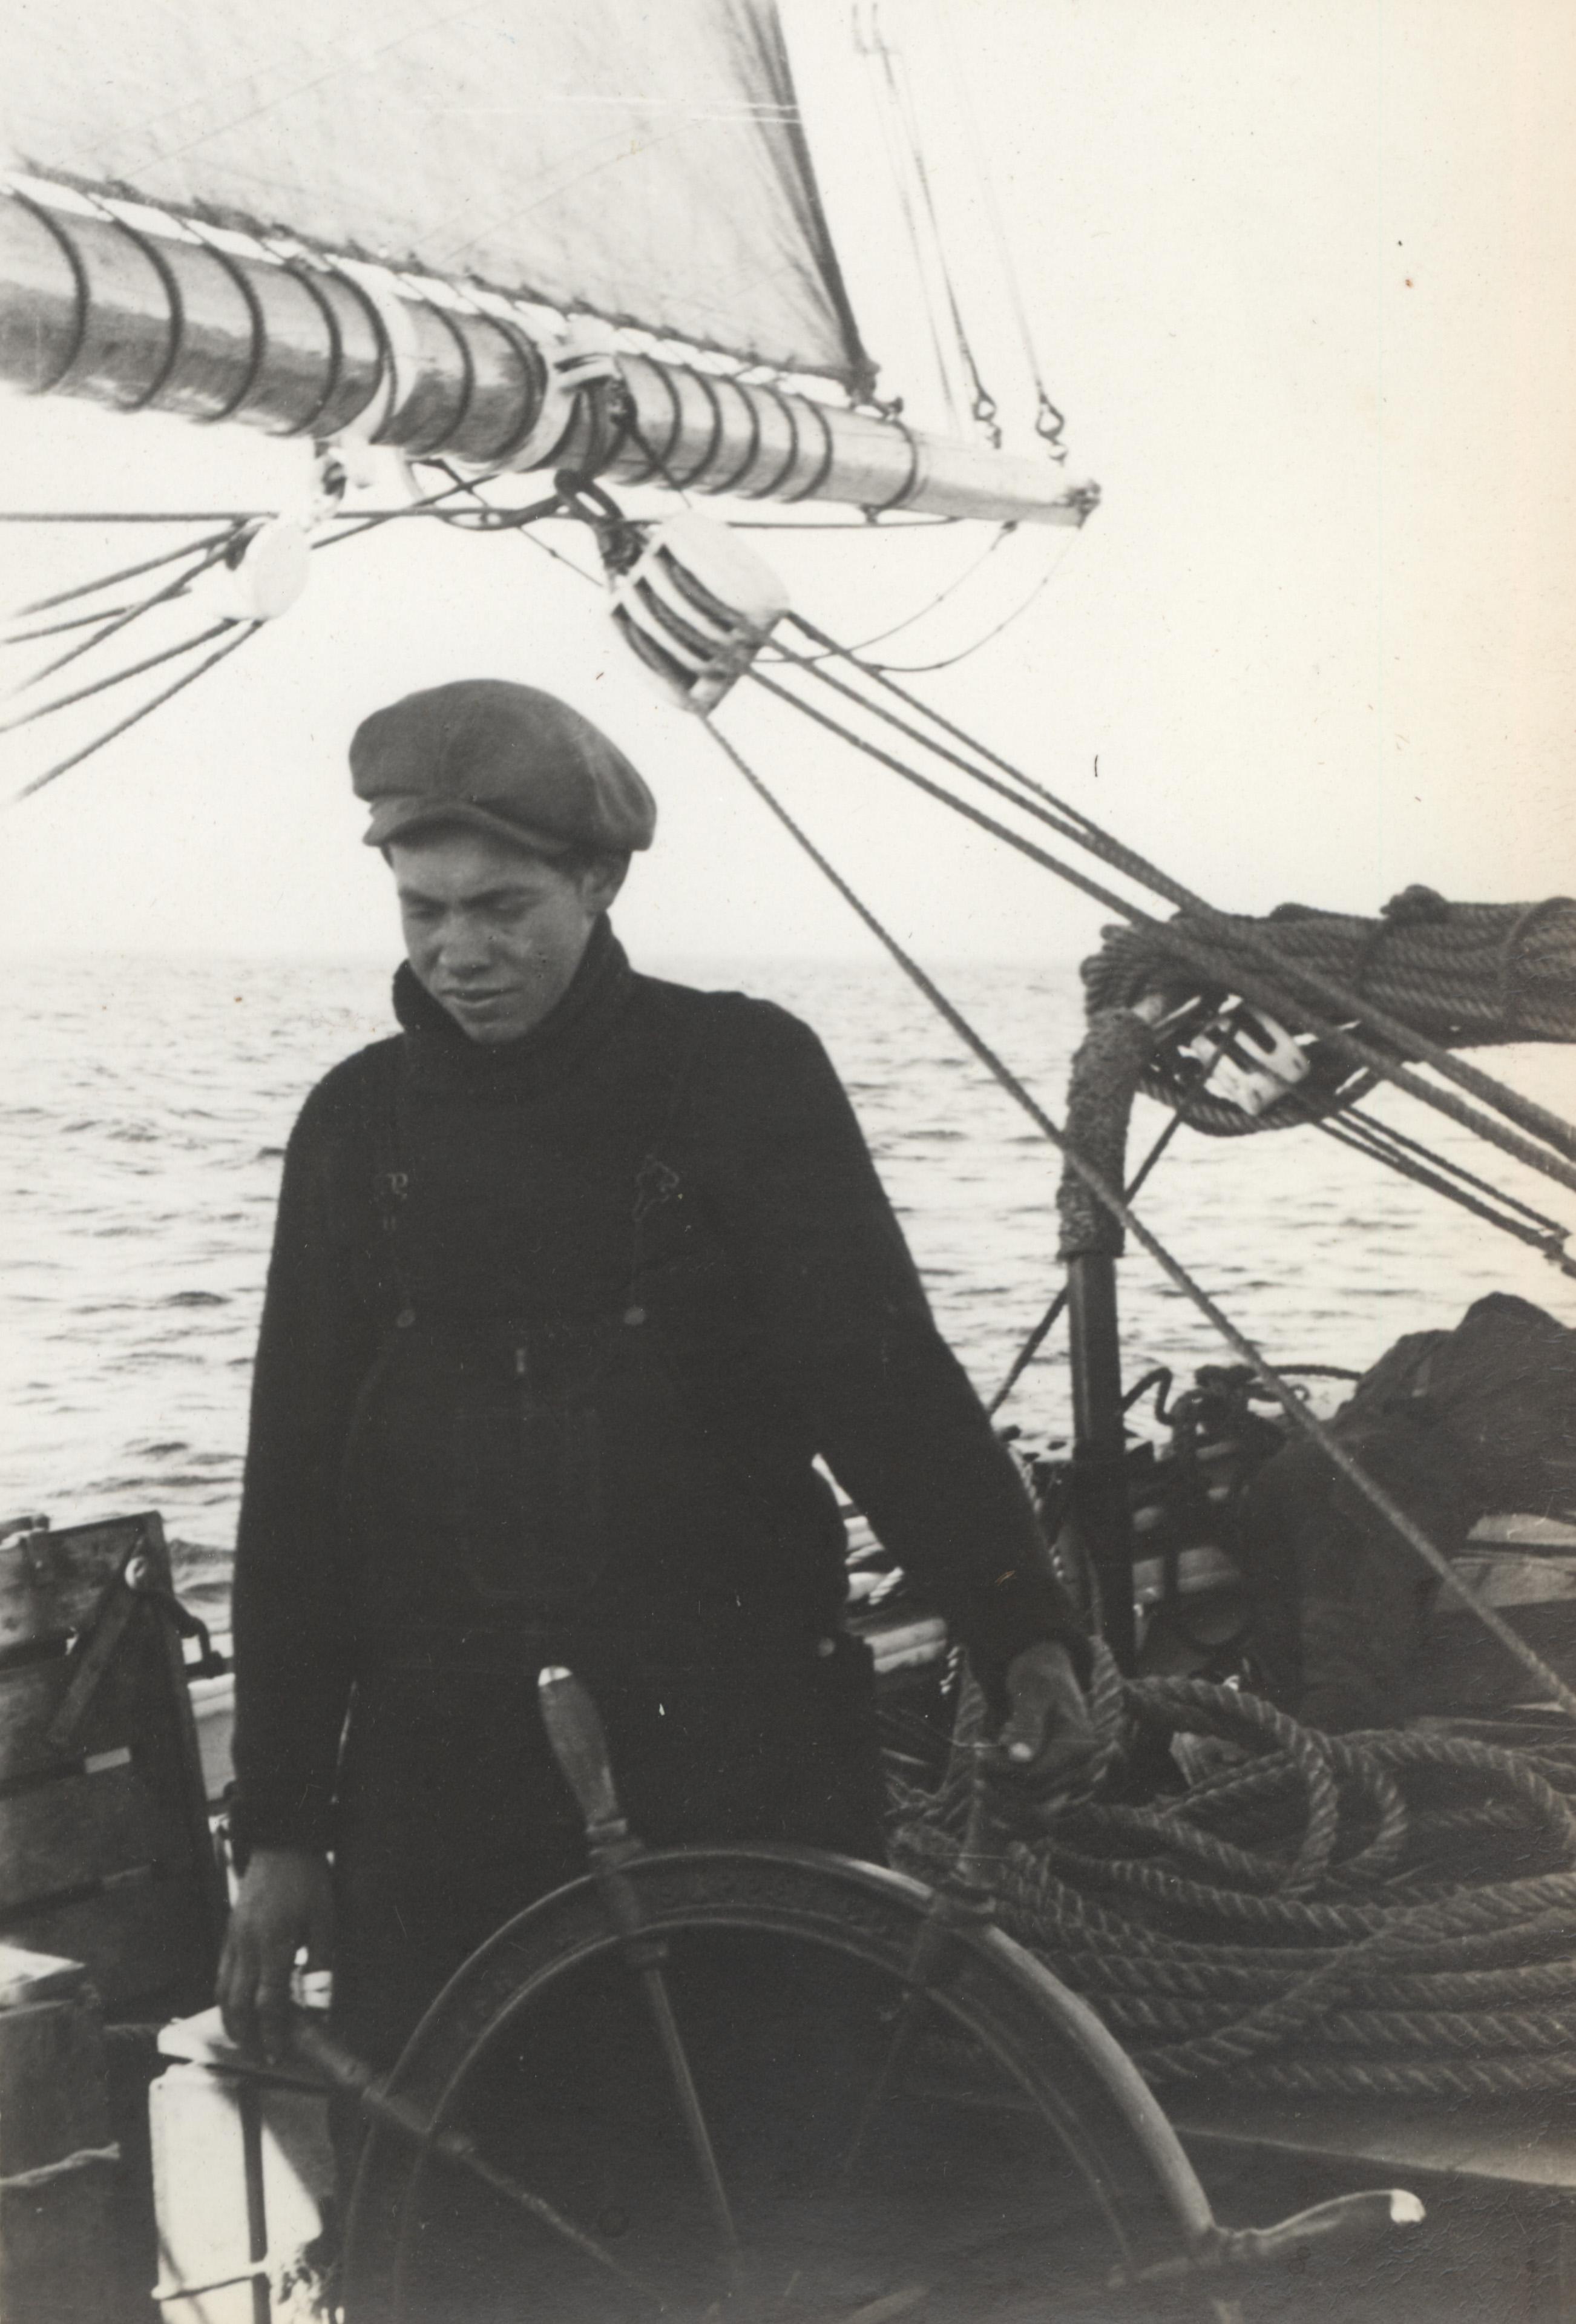 1940 Frederick C. N. Littleton at the wheel of the Schooner Effie M. Morrissey.